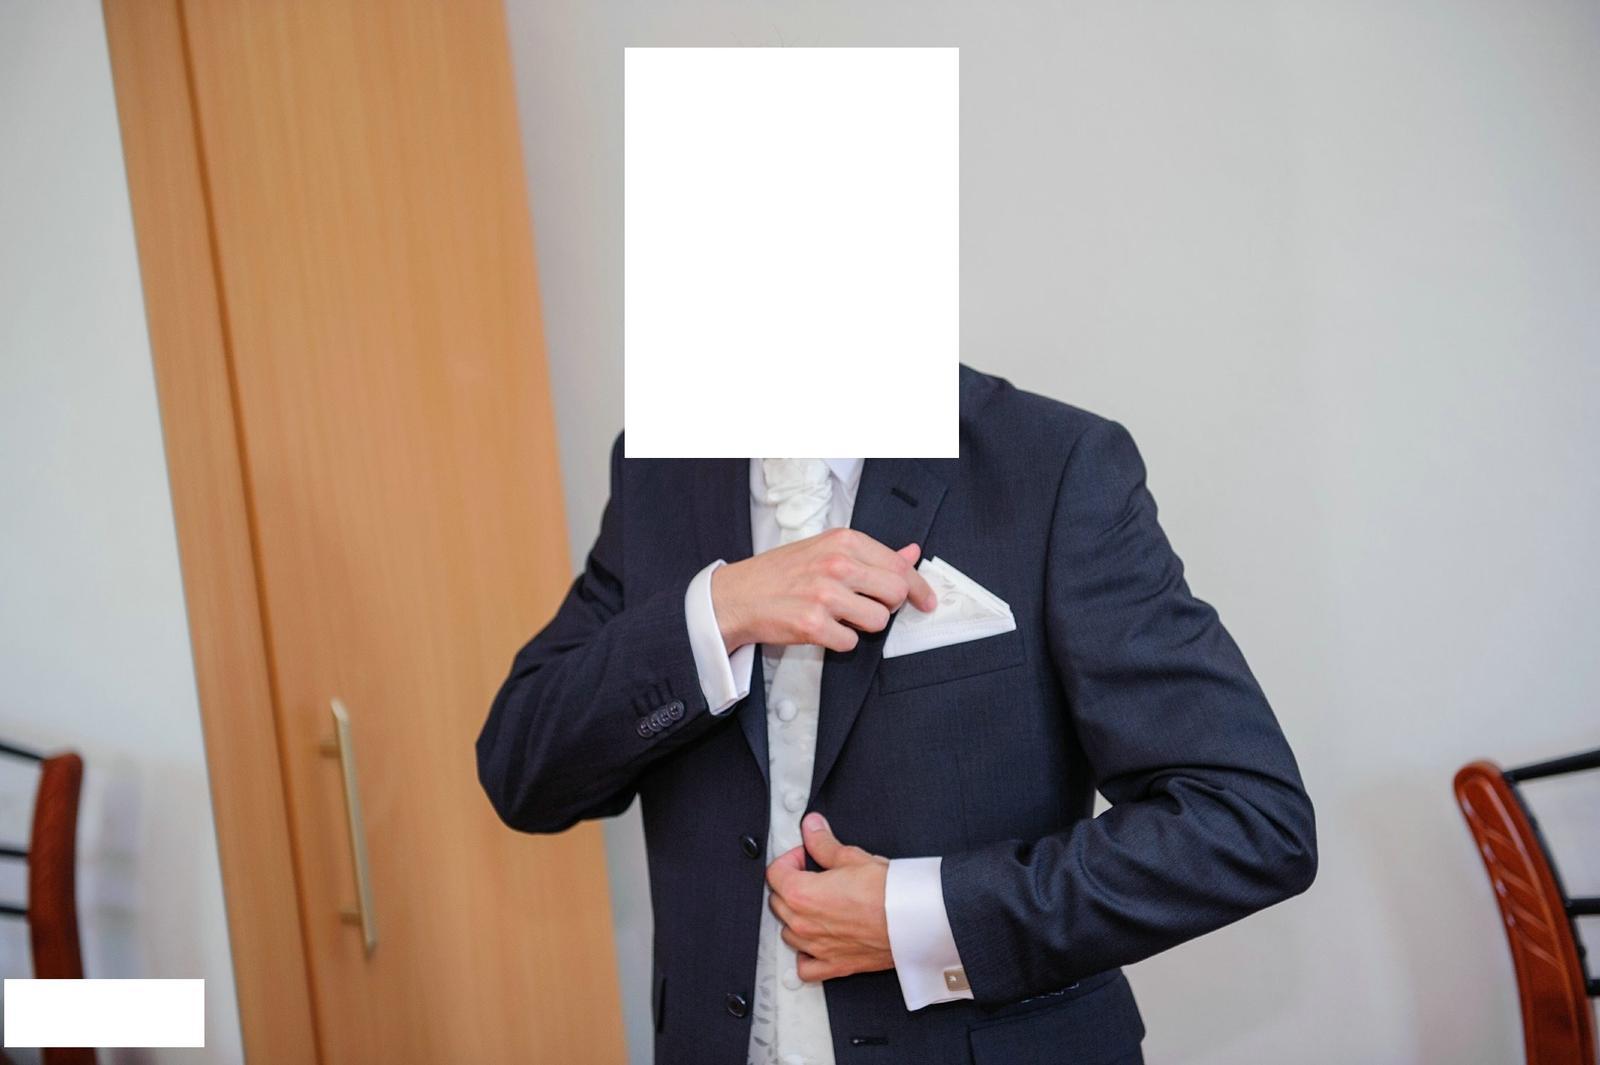 svadobná vesta, kravata a záložka  - Obrázok č. 4